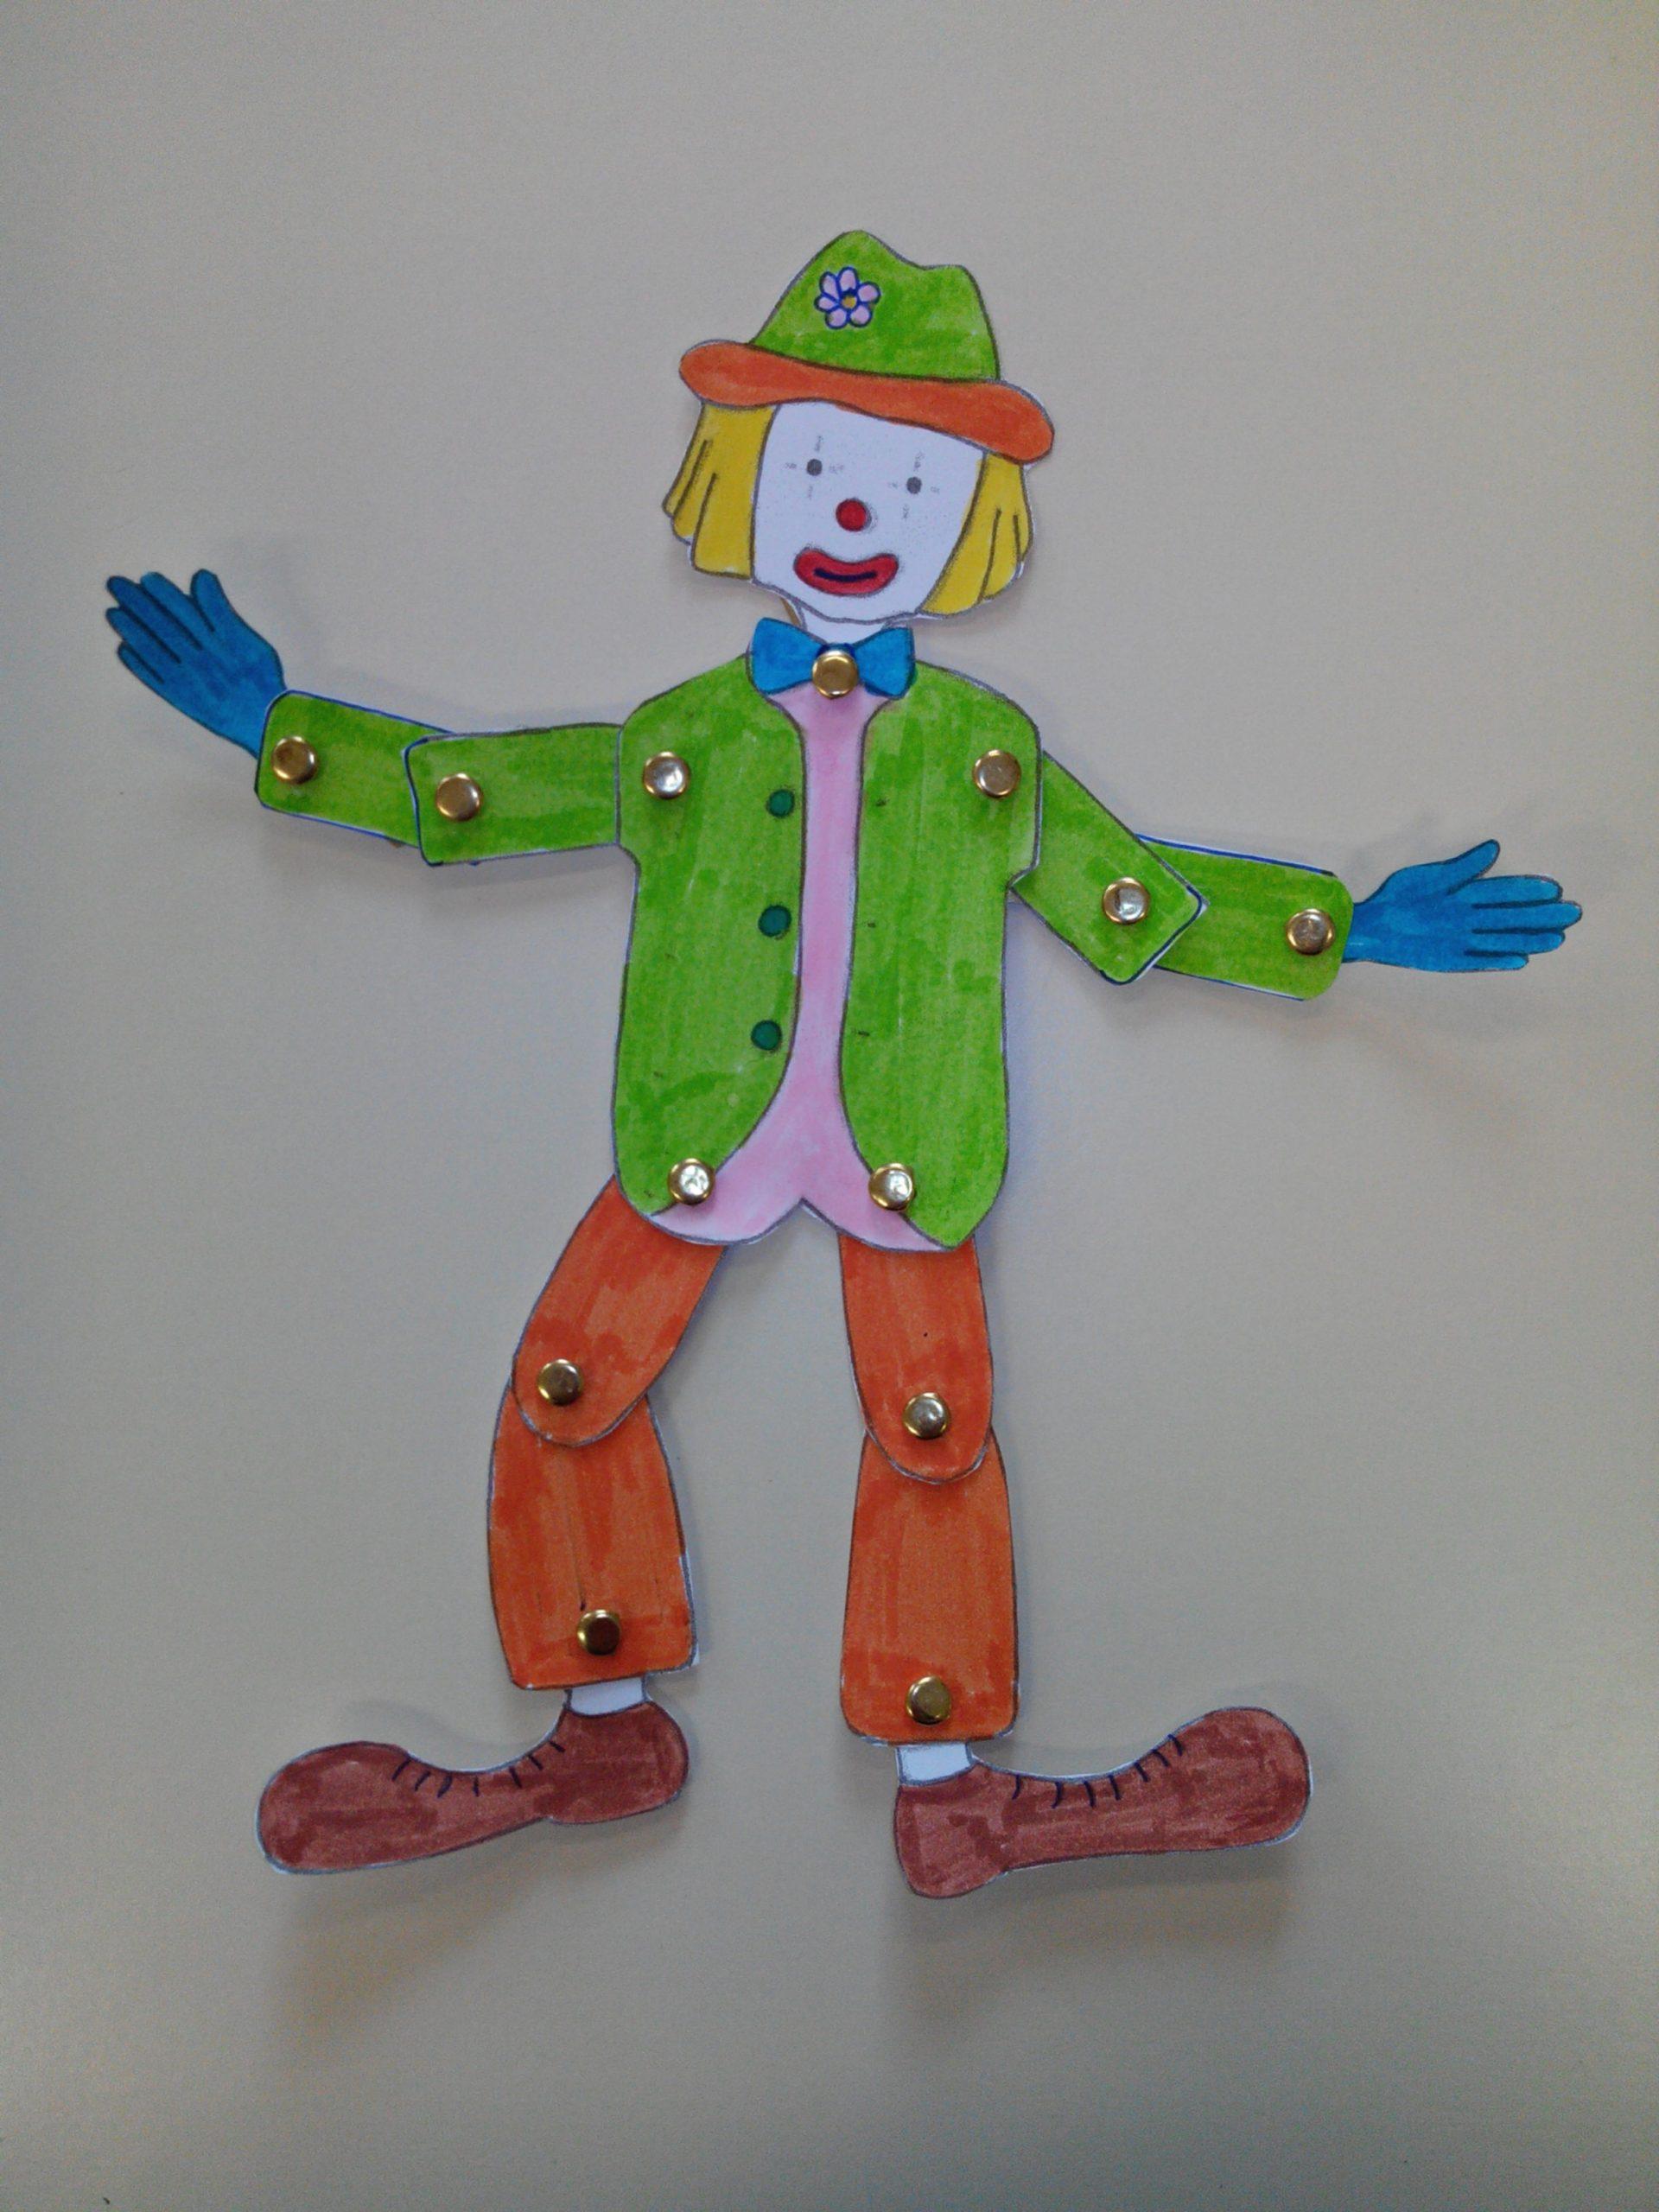 Fabriquer Un Clown Articulé | Ecole Jules Ferry Wahagnies concernant Fabrication D Un Pantin Articulé